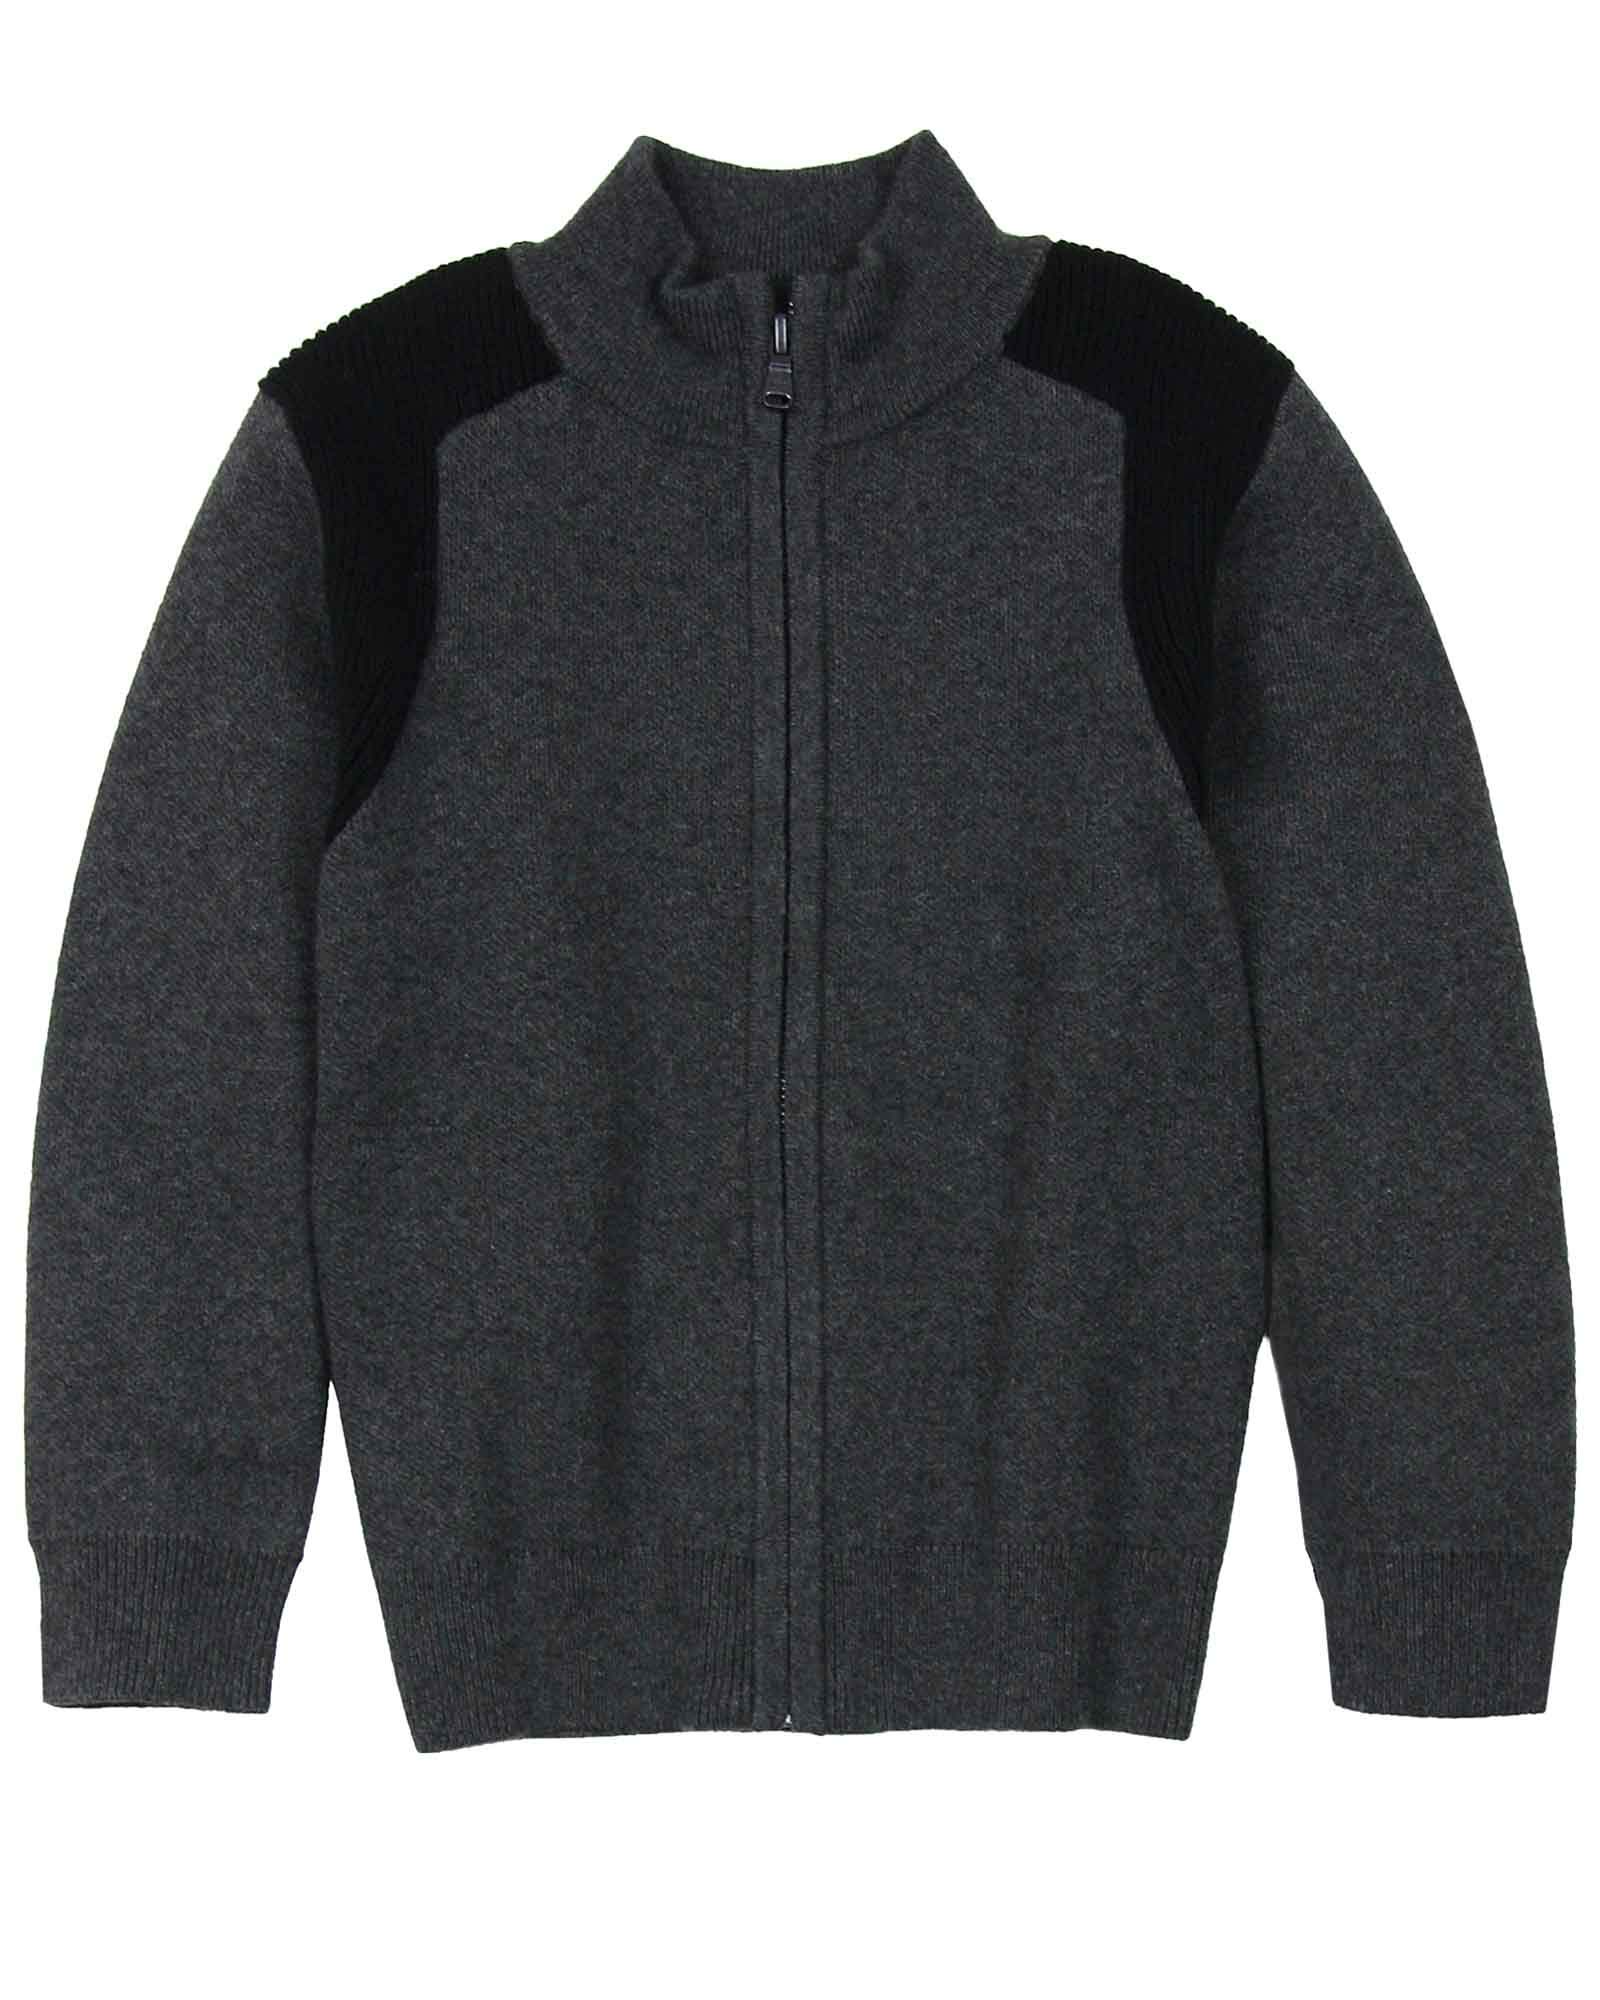 BOSS Boys Cotton/Wool Knit Cardigan, Sizes 6-16 - 14